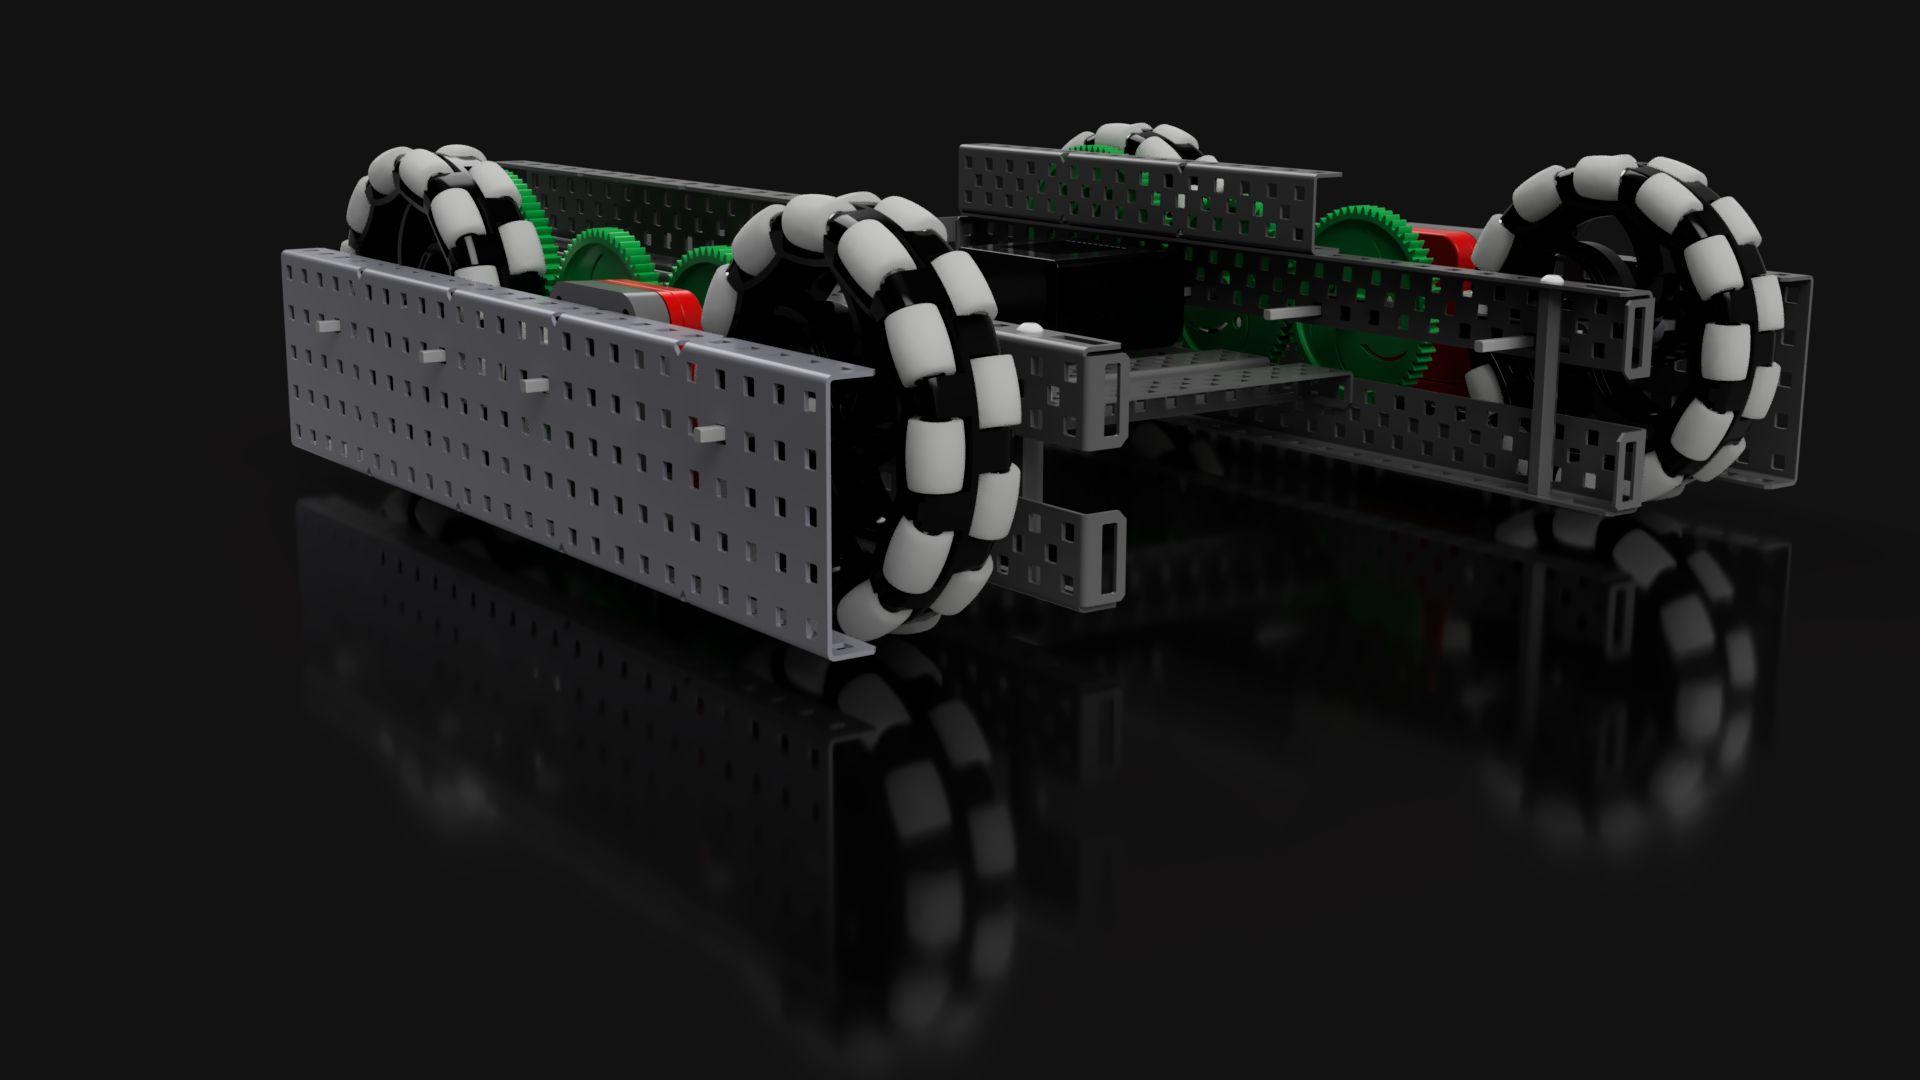 Robotic-traction---vex-robotics-v5-design-2019-jun-09-10-56-37pm-000-customizedview1899461275-png-3500-3500